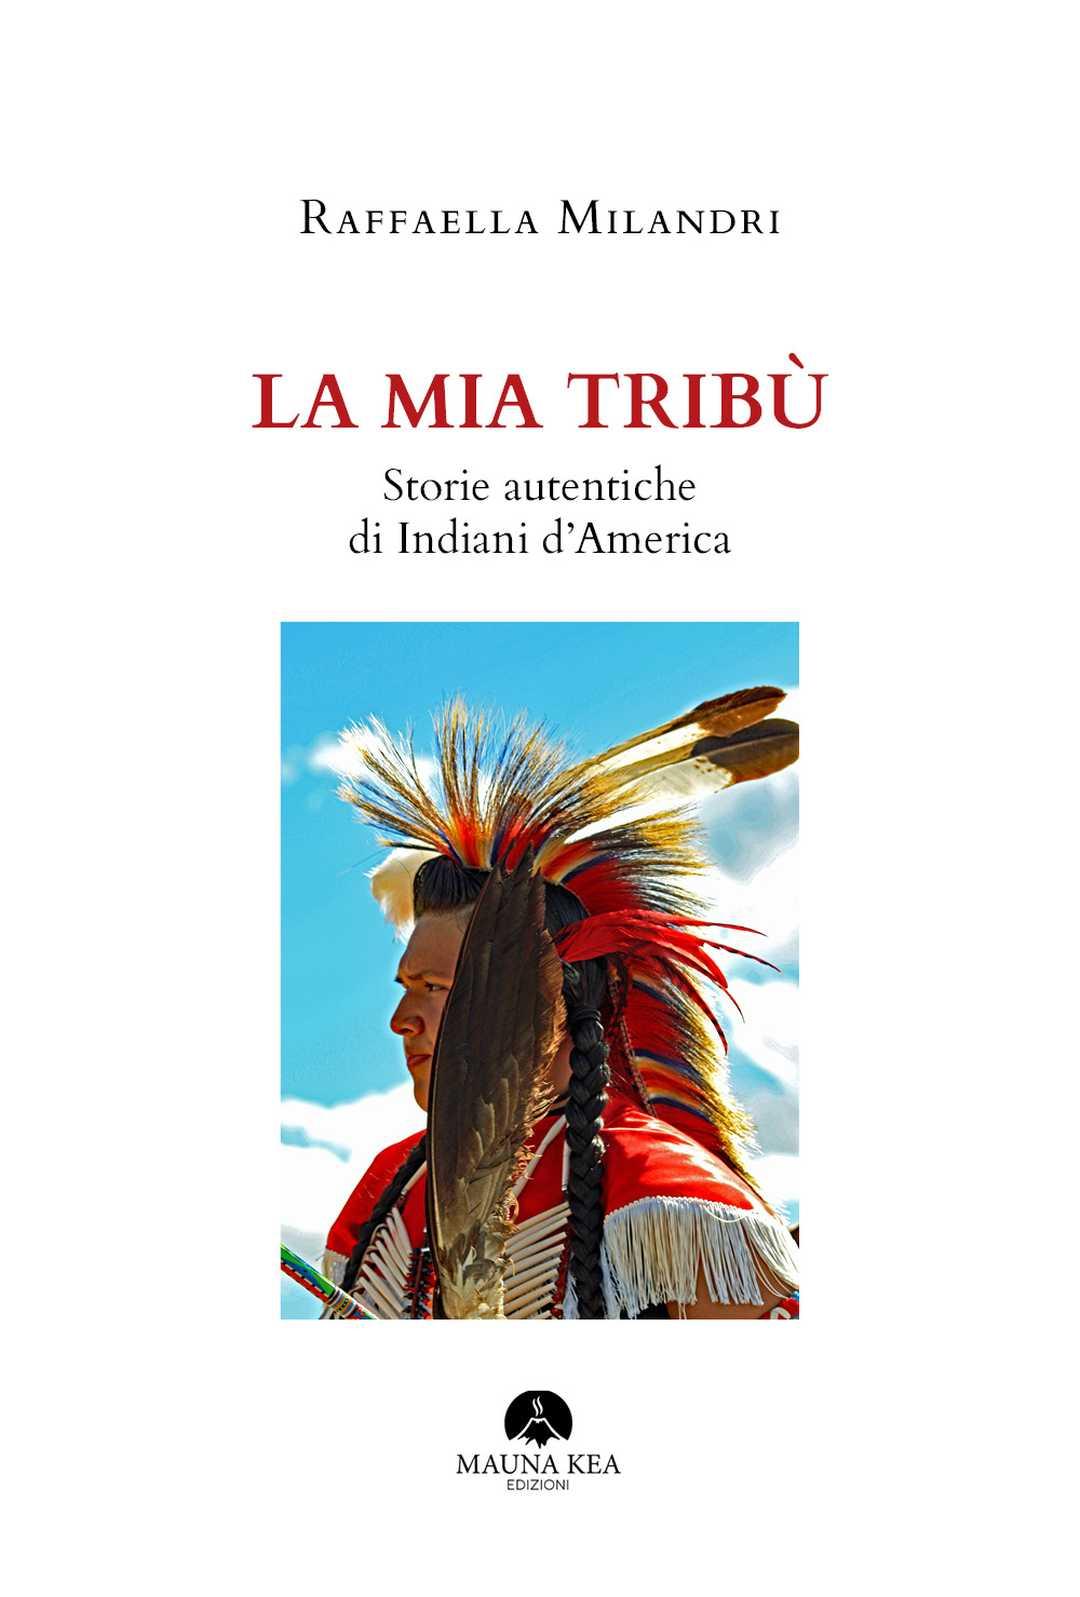 """Raffaella Milandri, """"La mia Tribù"""": esce la nuova edizione"""